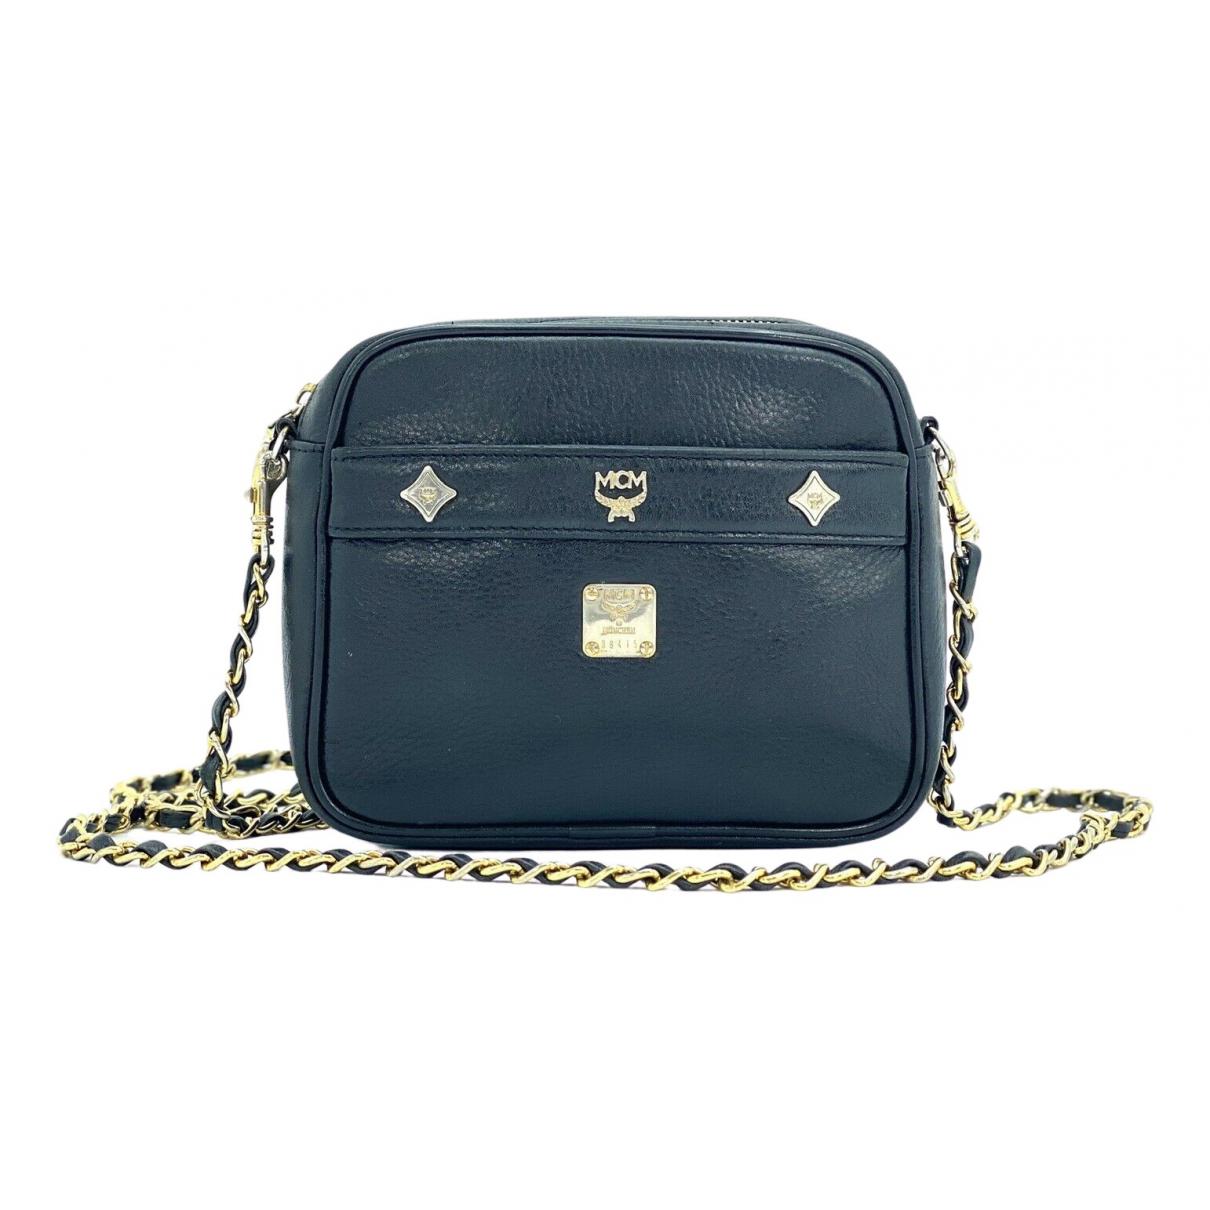 Mcm \N Black Cloth handbag for Women \N